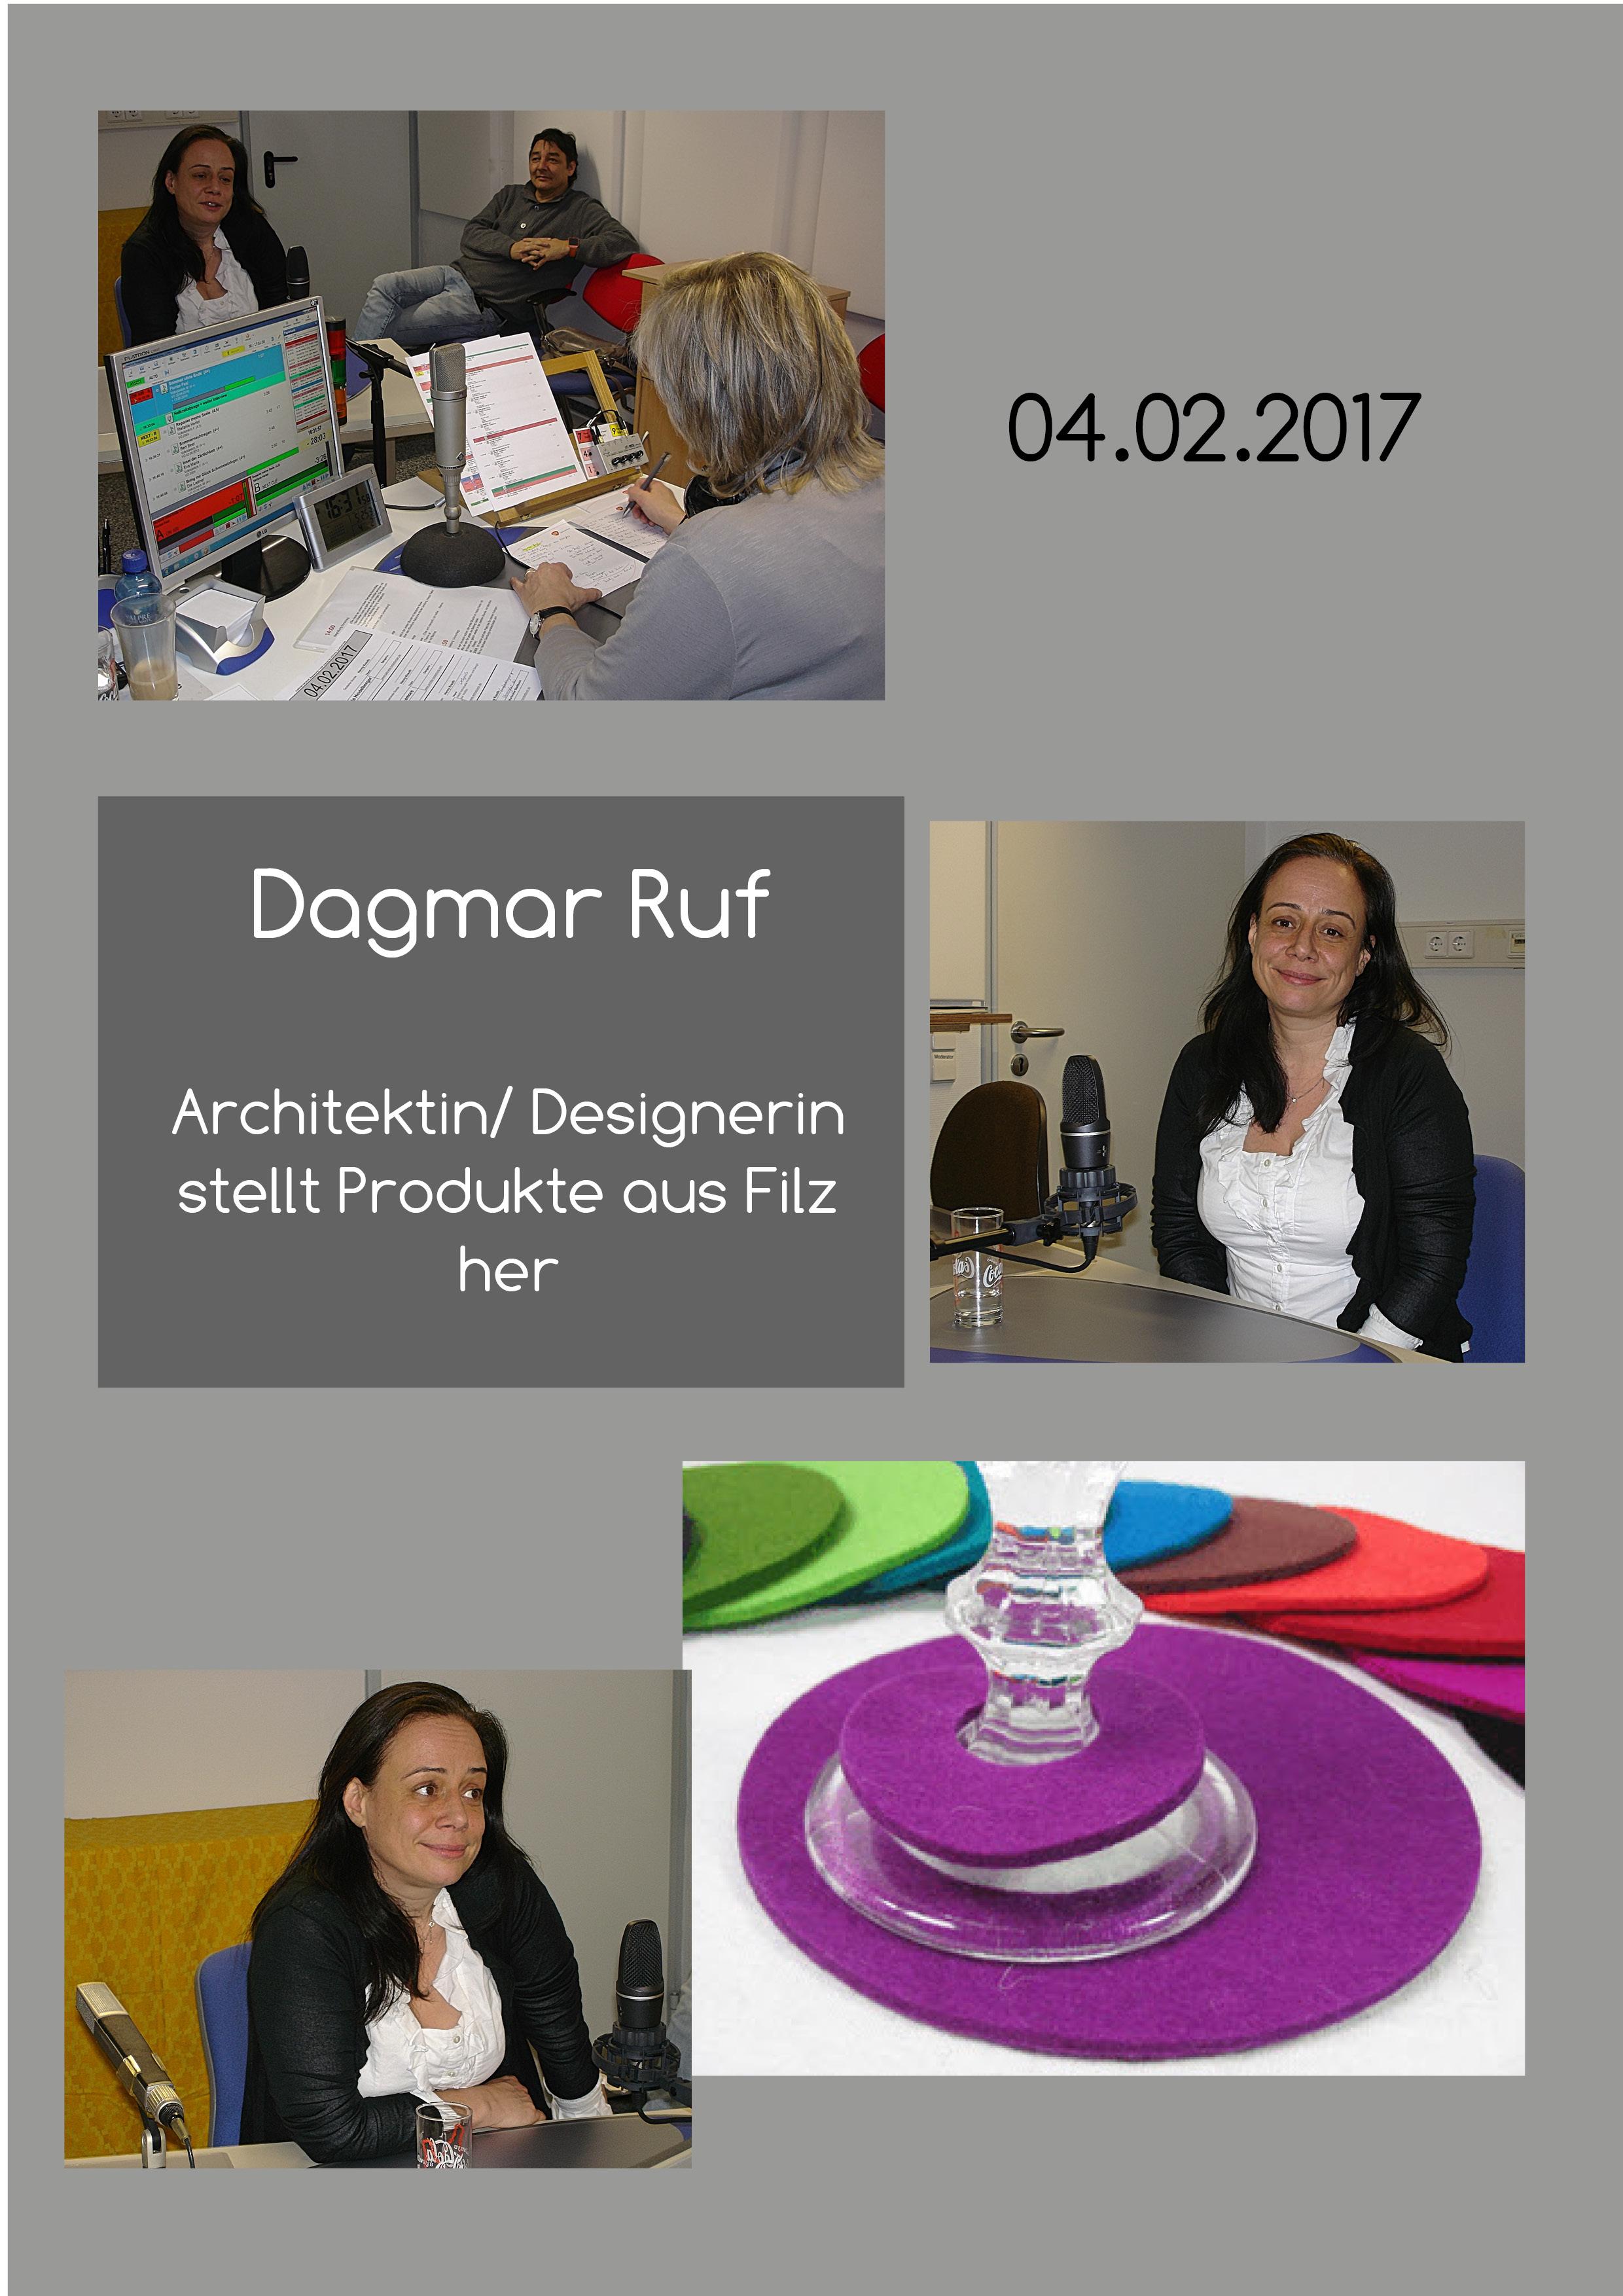 04.02. Dagmar Ruf